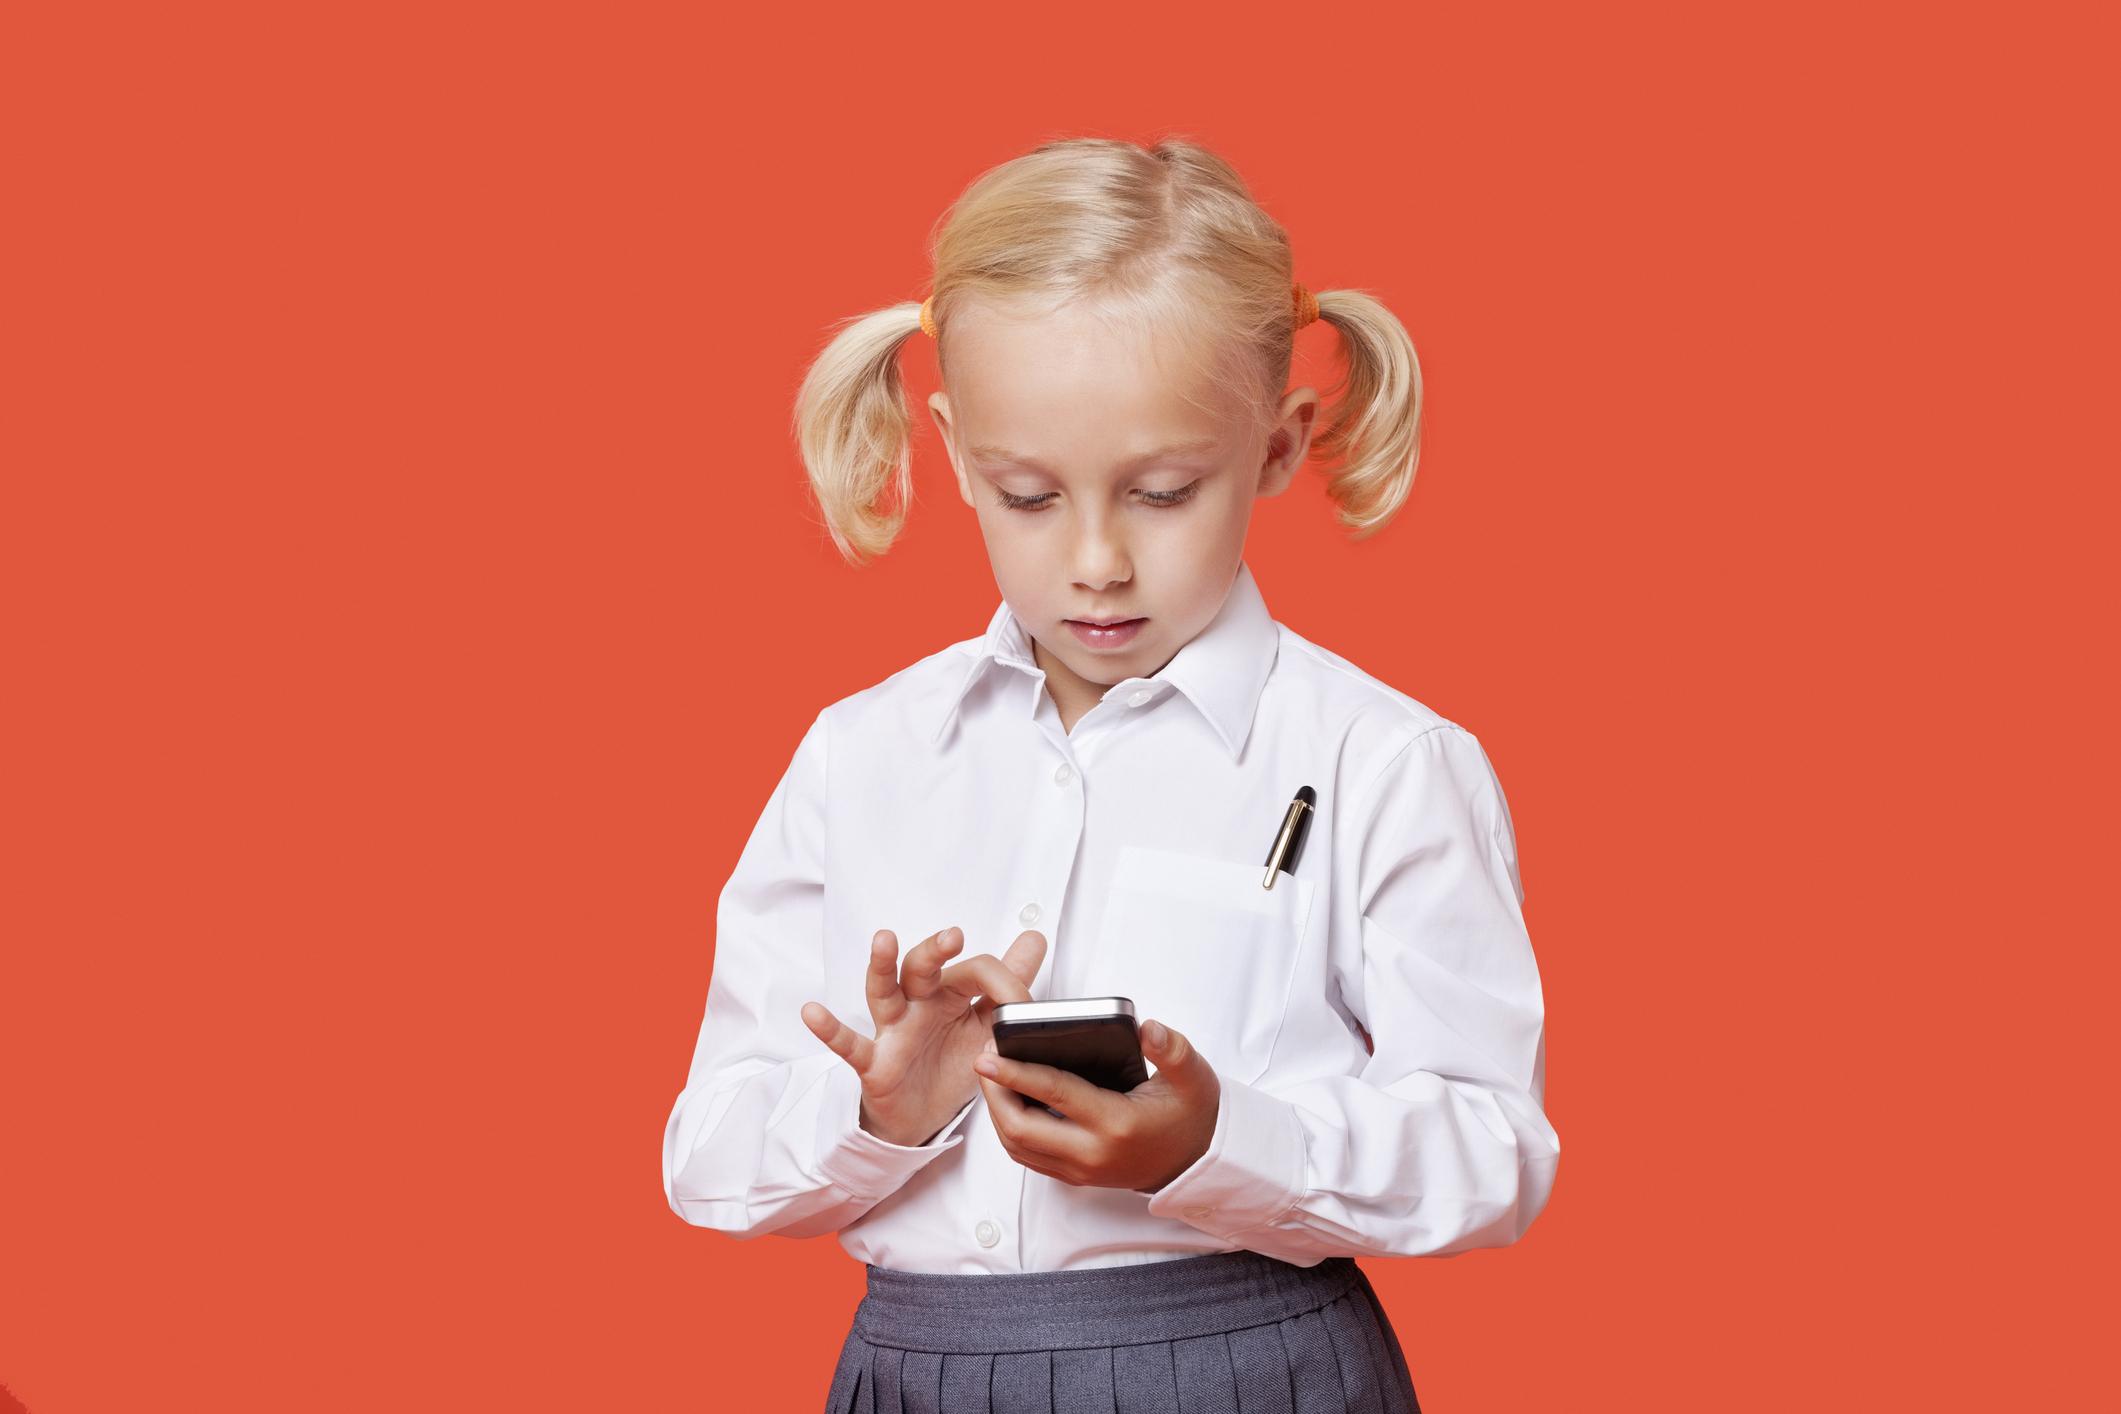 格安SIMの支払いはデビットカードではなく口座振替がおすすめ